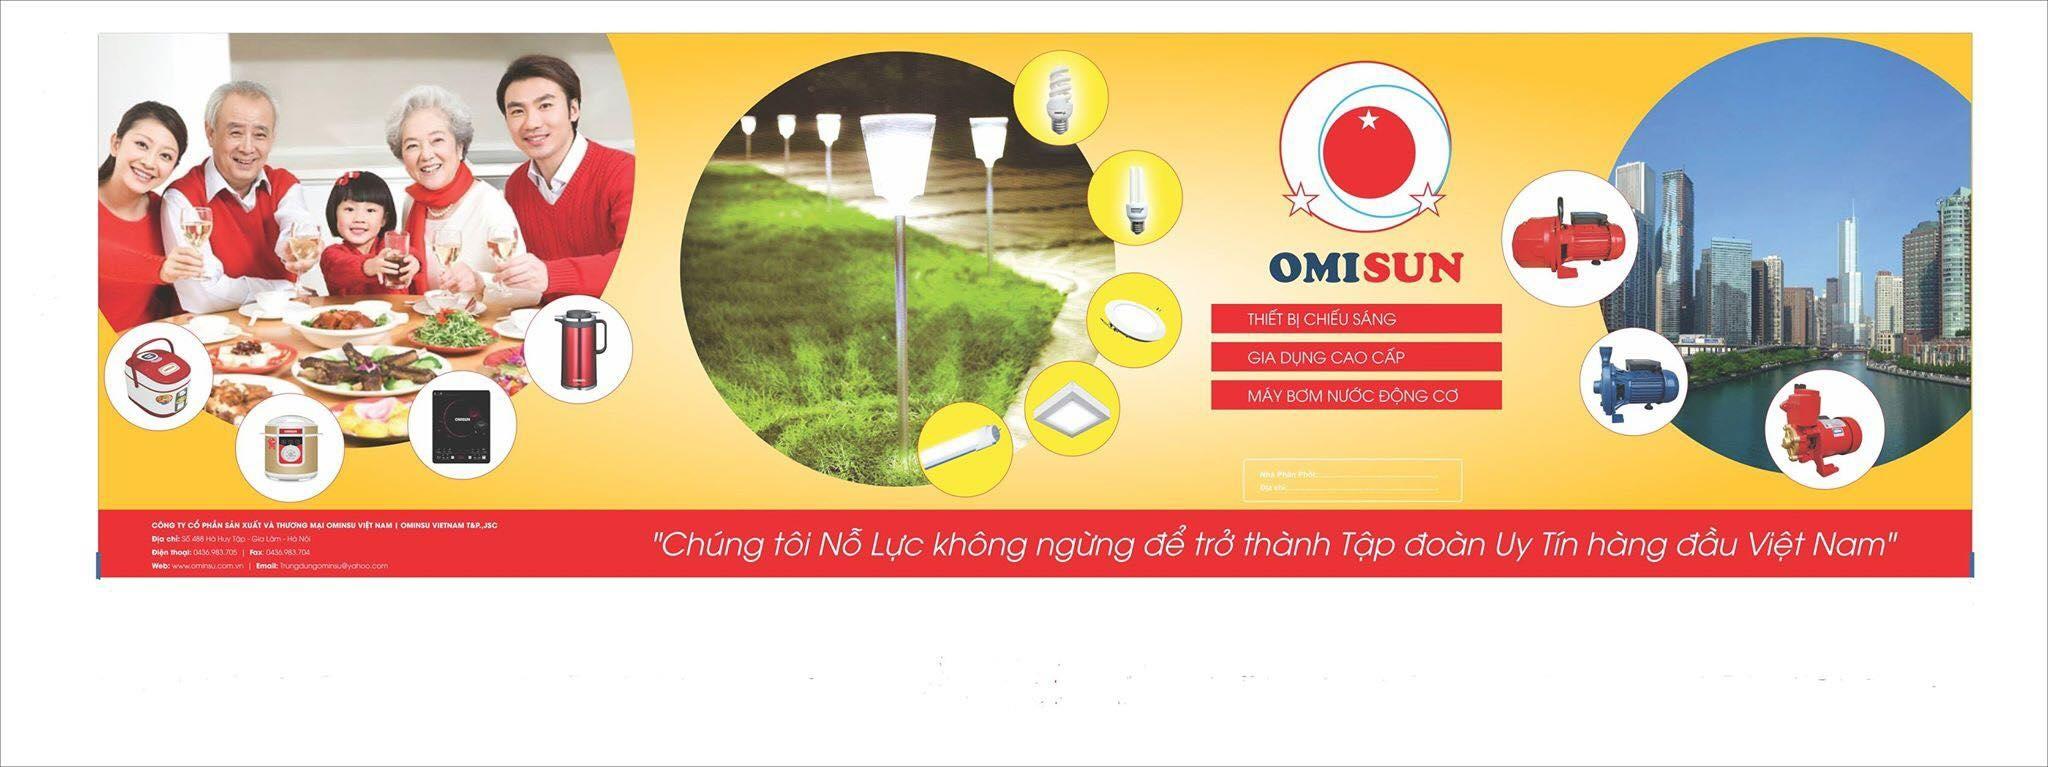 Đèn led chiếu sáng Omisun (@omisun) Cover Image